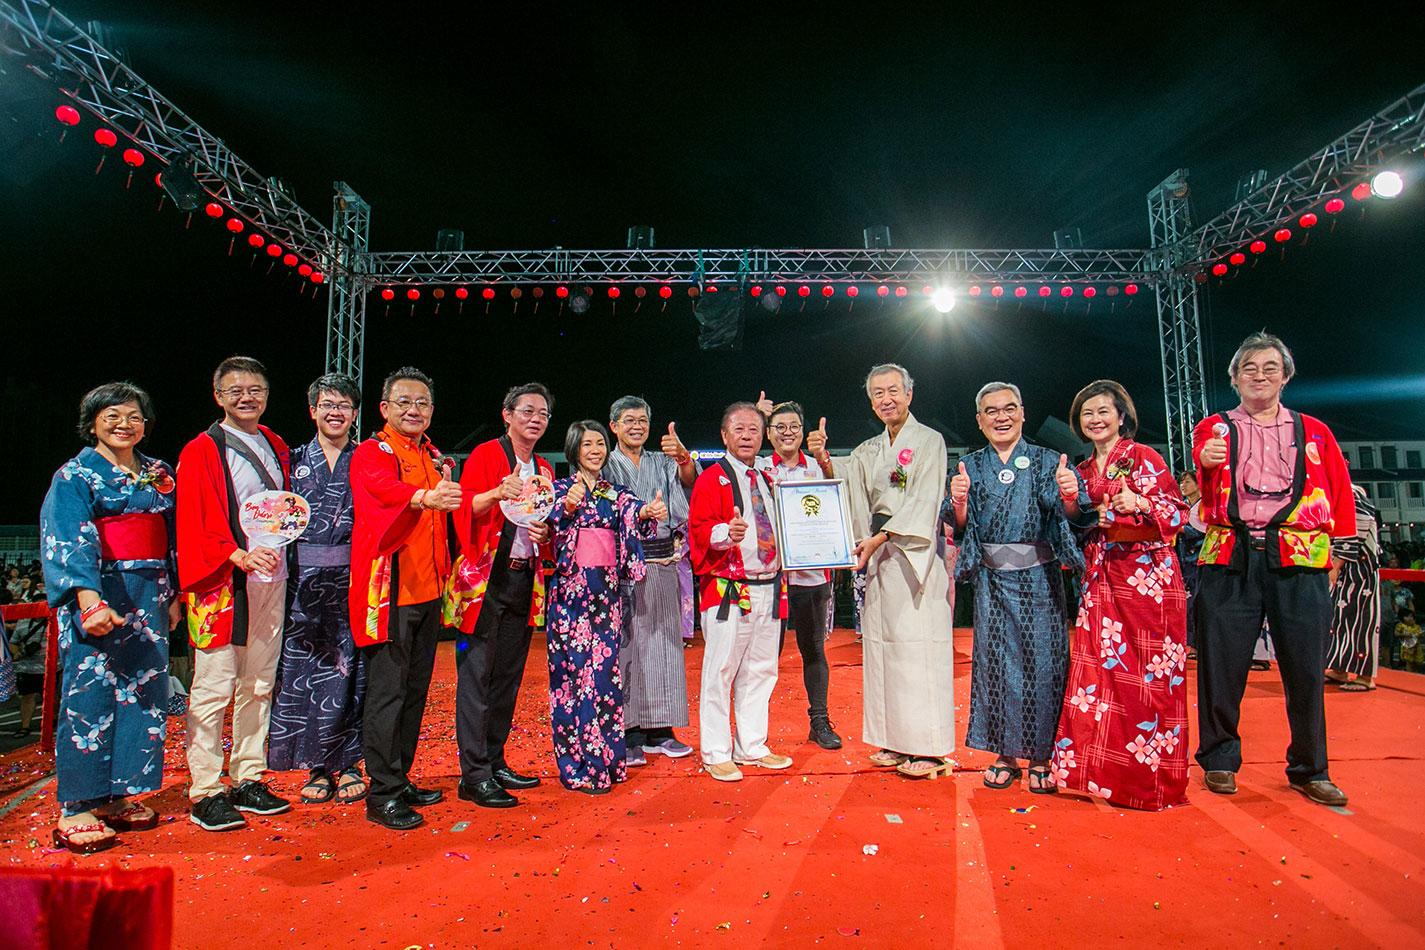 日本盆舞节迈入20个年头,成功挑战马来西亚纪录大全